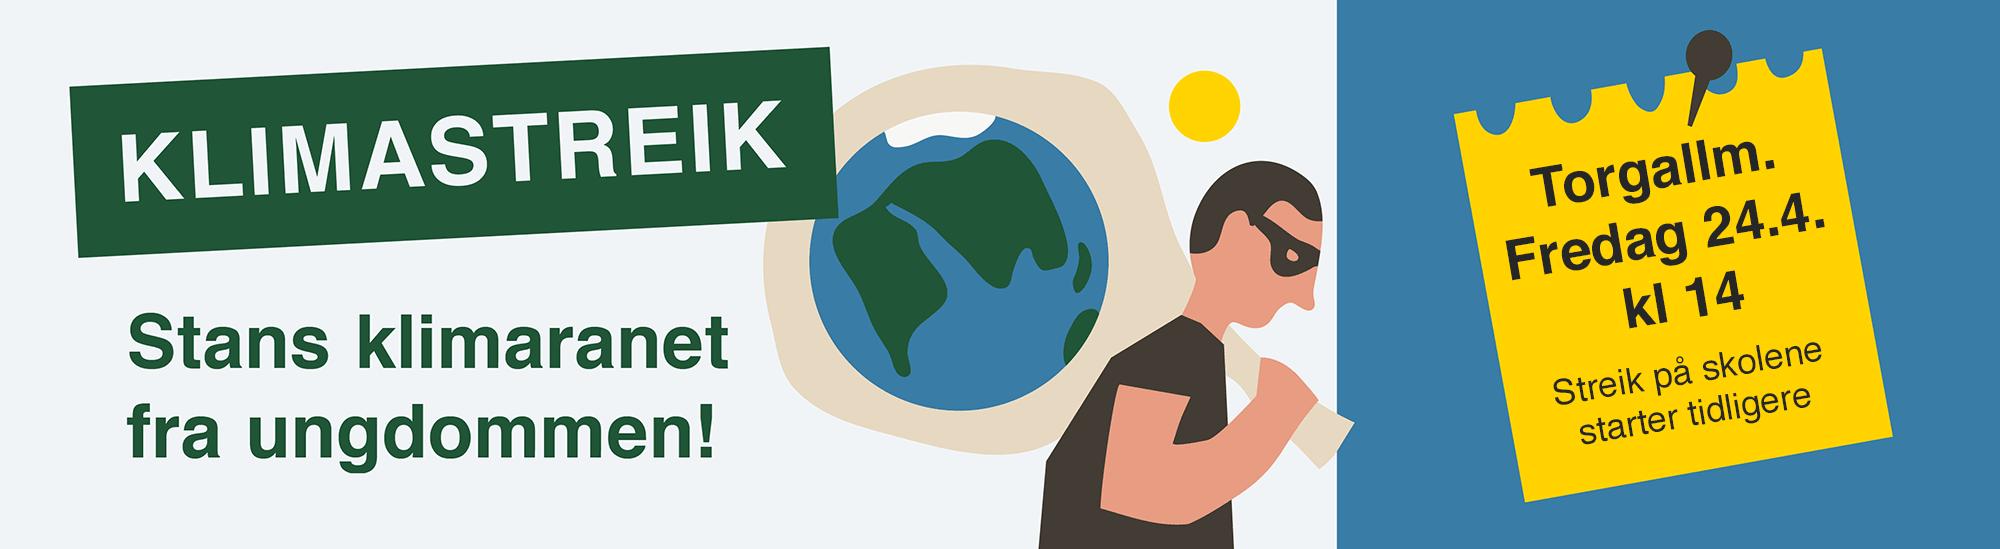 Klimastreik 24.4